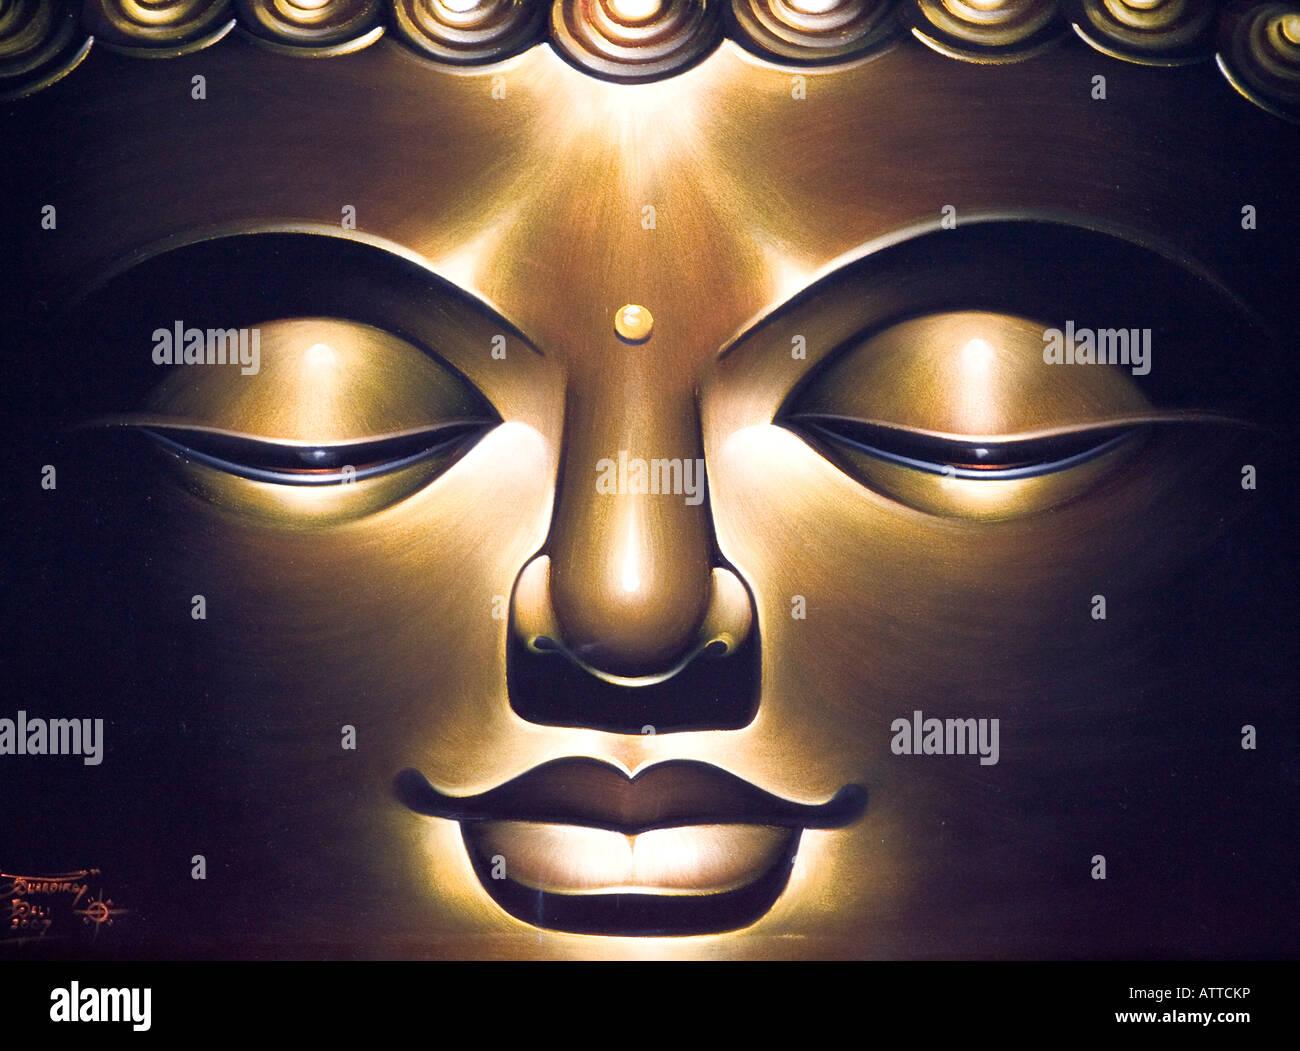 The Face Of Buddha Painting Ubud Bali Indonesia - Stock Image